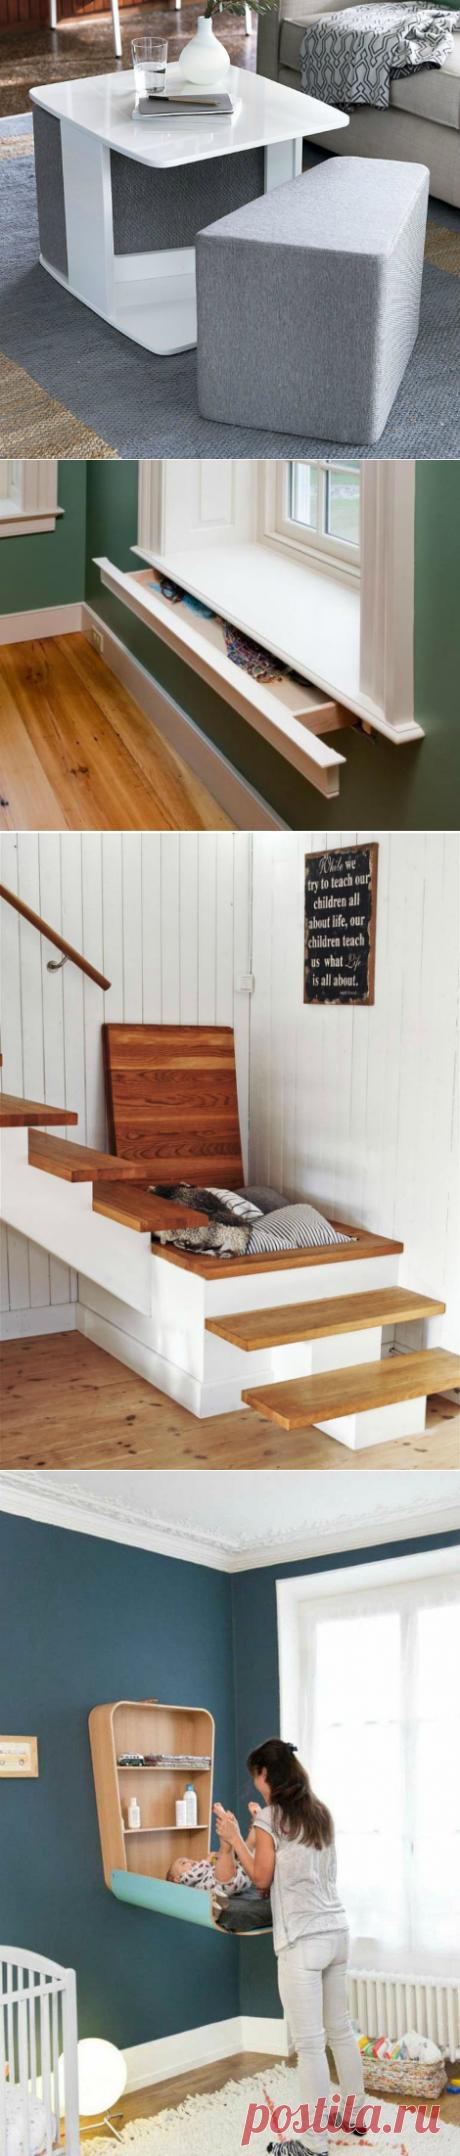 Гениальные решения, которые станут настоящим спасением для владельцев небольших квартир | Мой дом